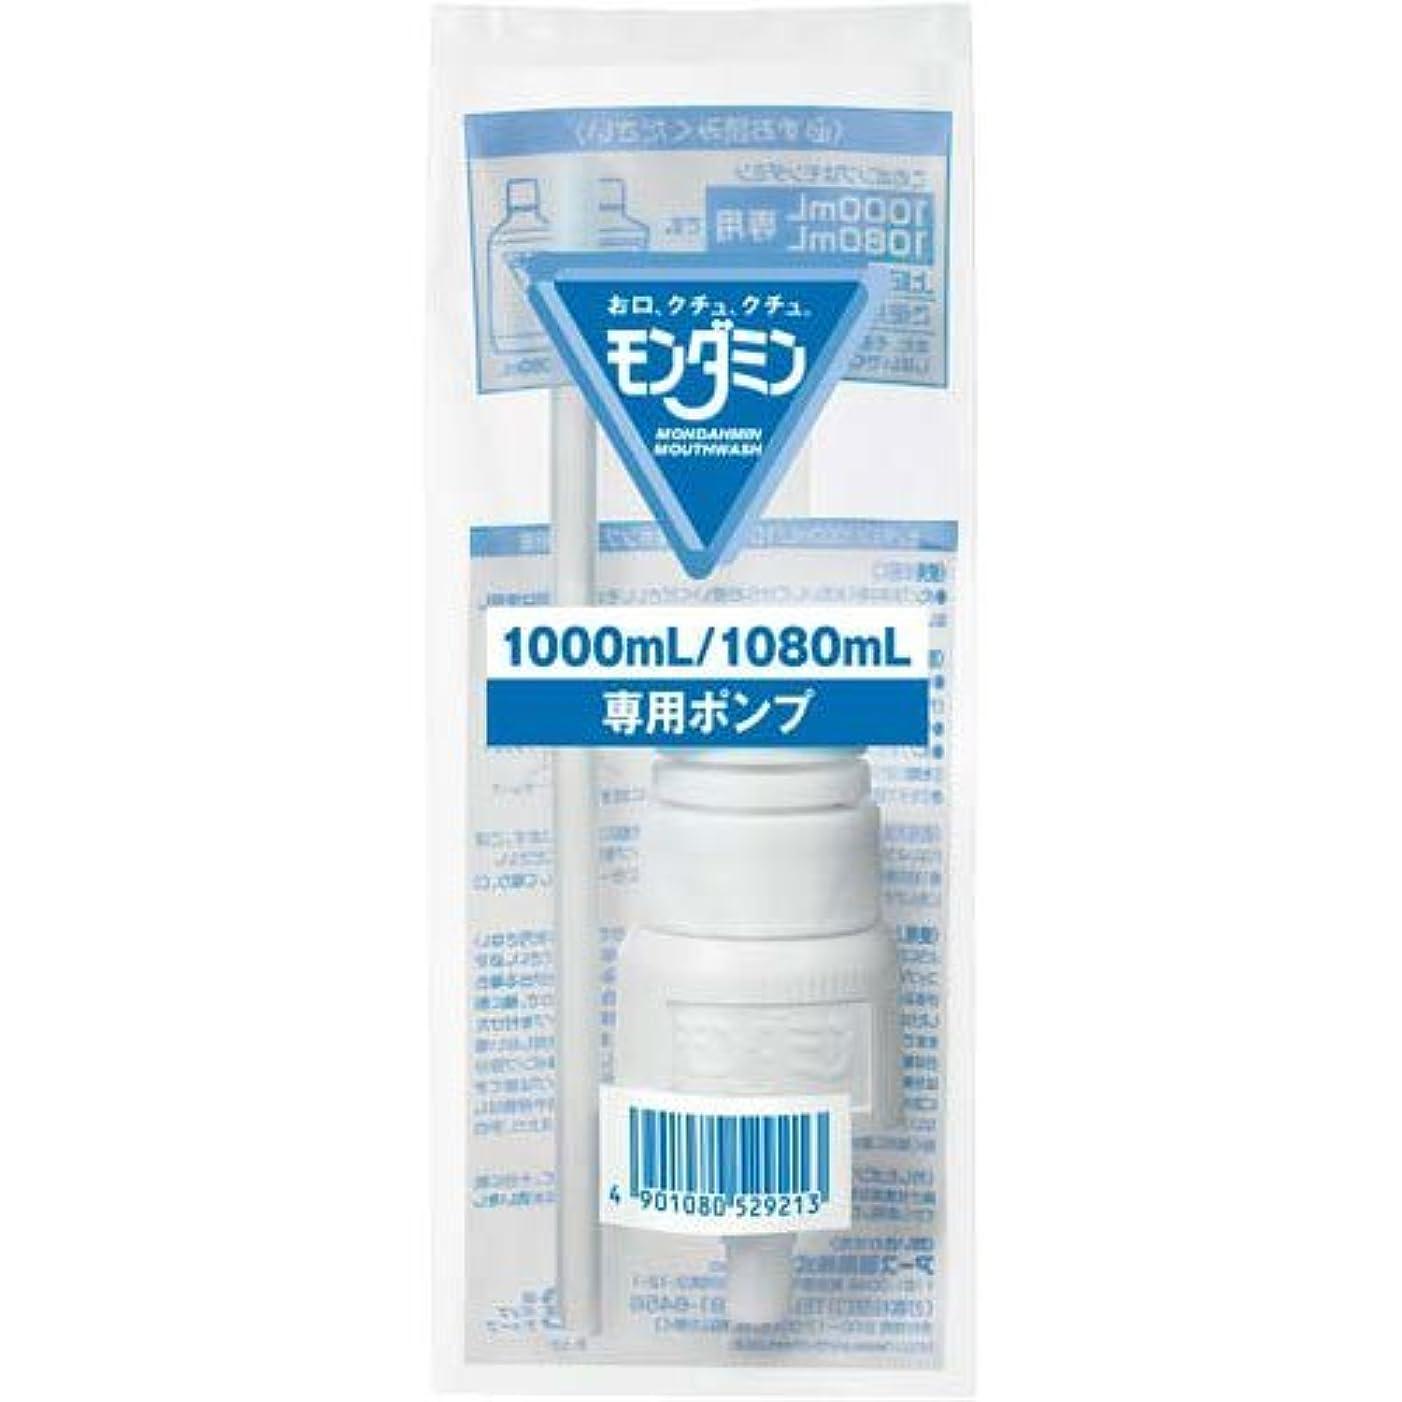 僕のレガシーブリードアース製薬 モンダミン1080ml専用ポンプ